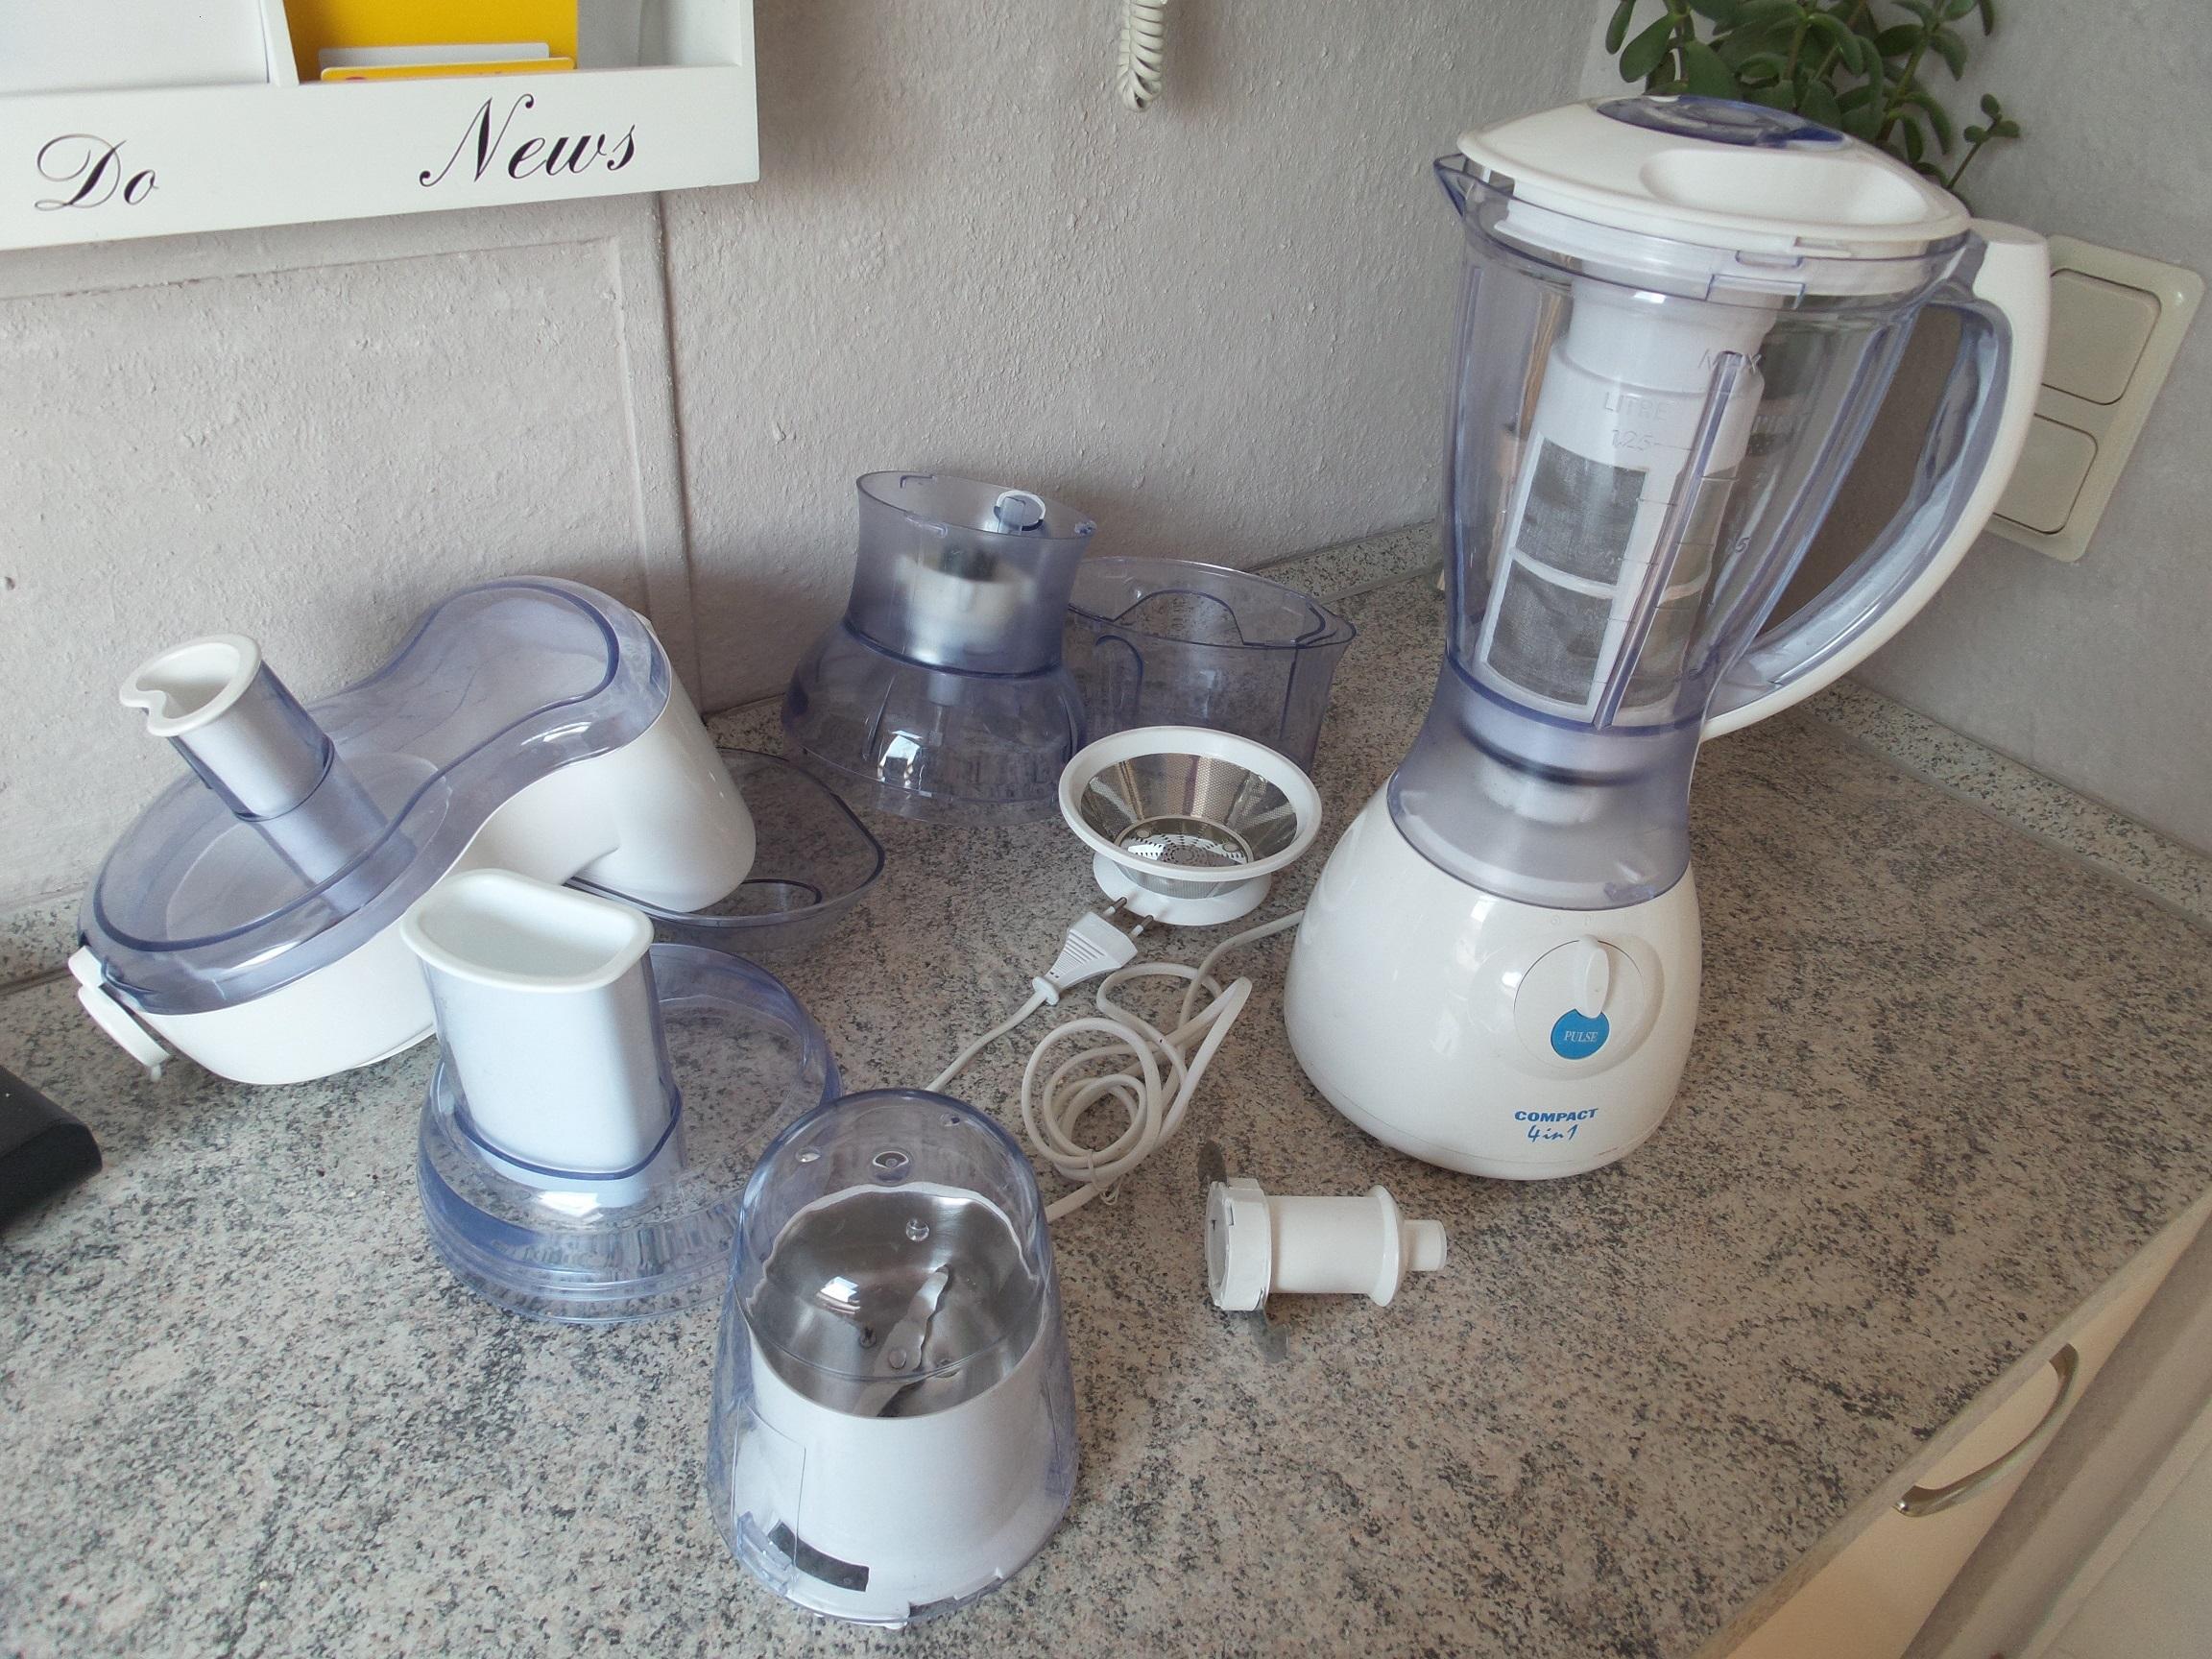 Küchenmaschinenhersteller gesucht (backen, Küche, mixer)